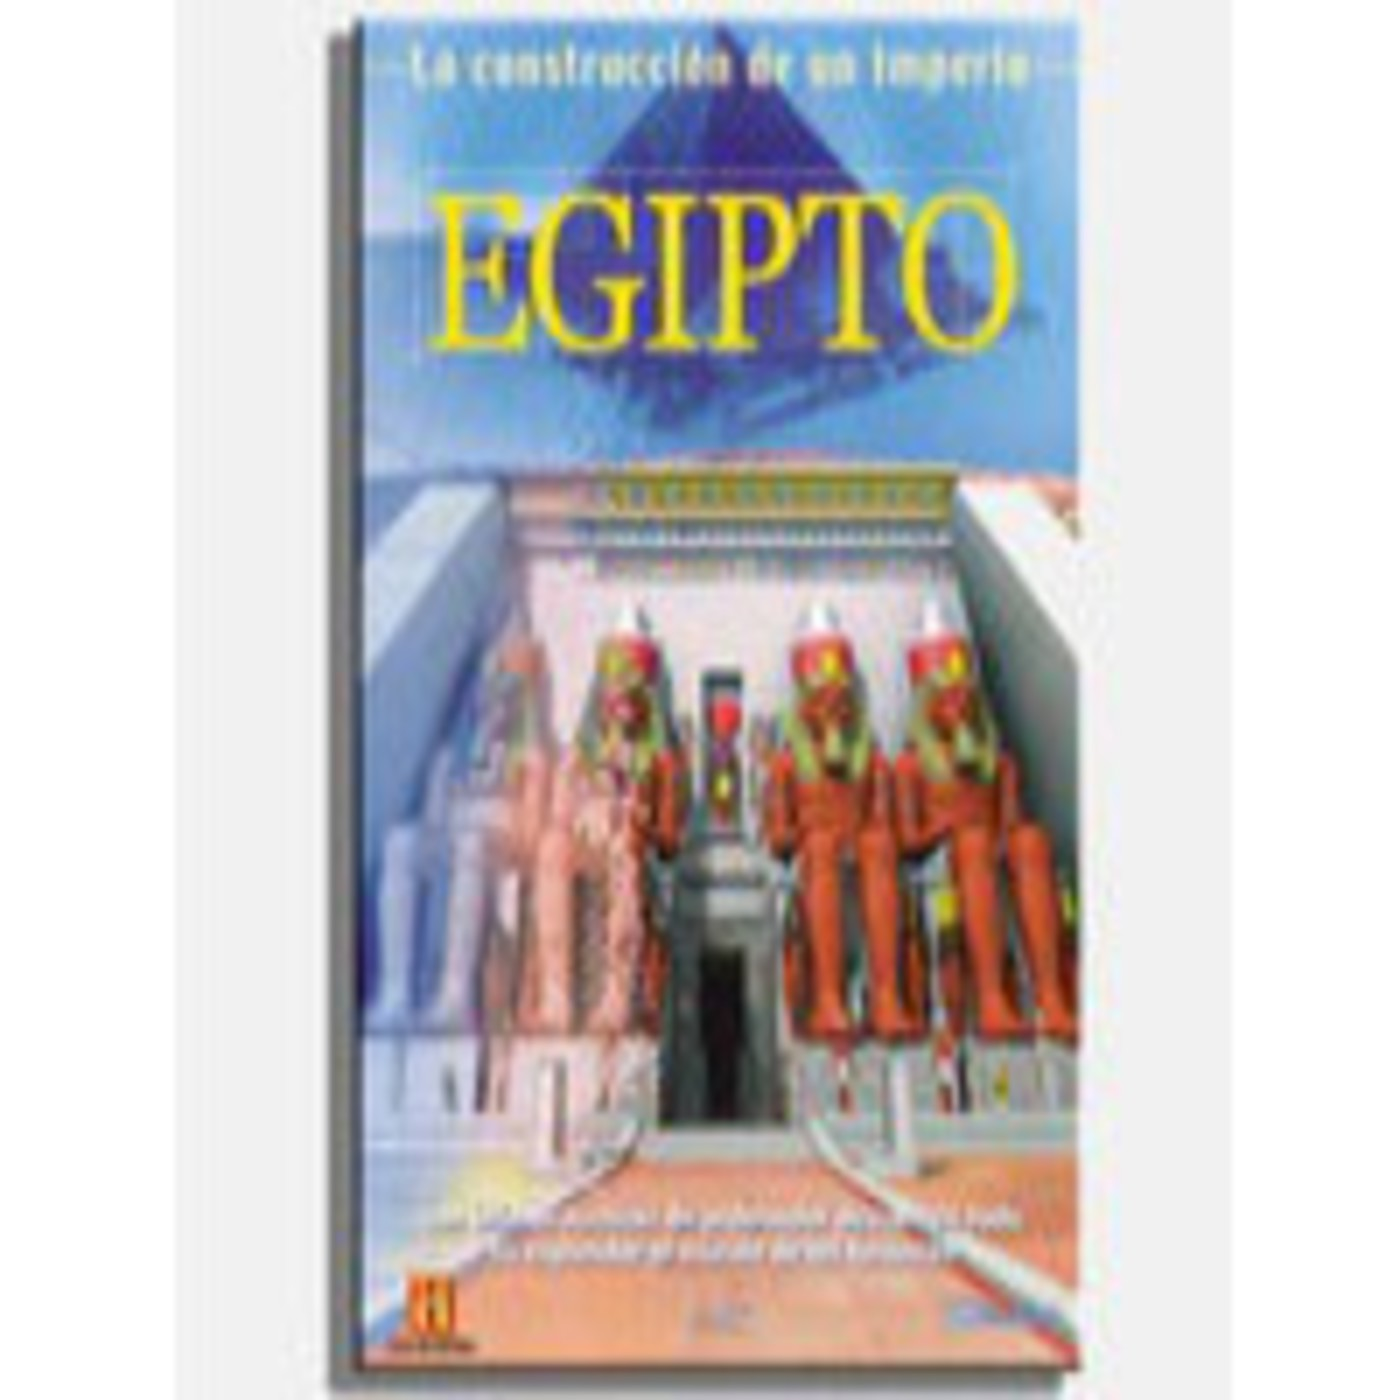 La Construccion de un Imperio (1de14): Egipto